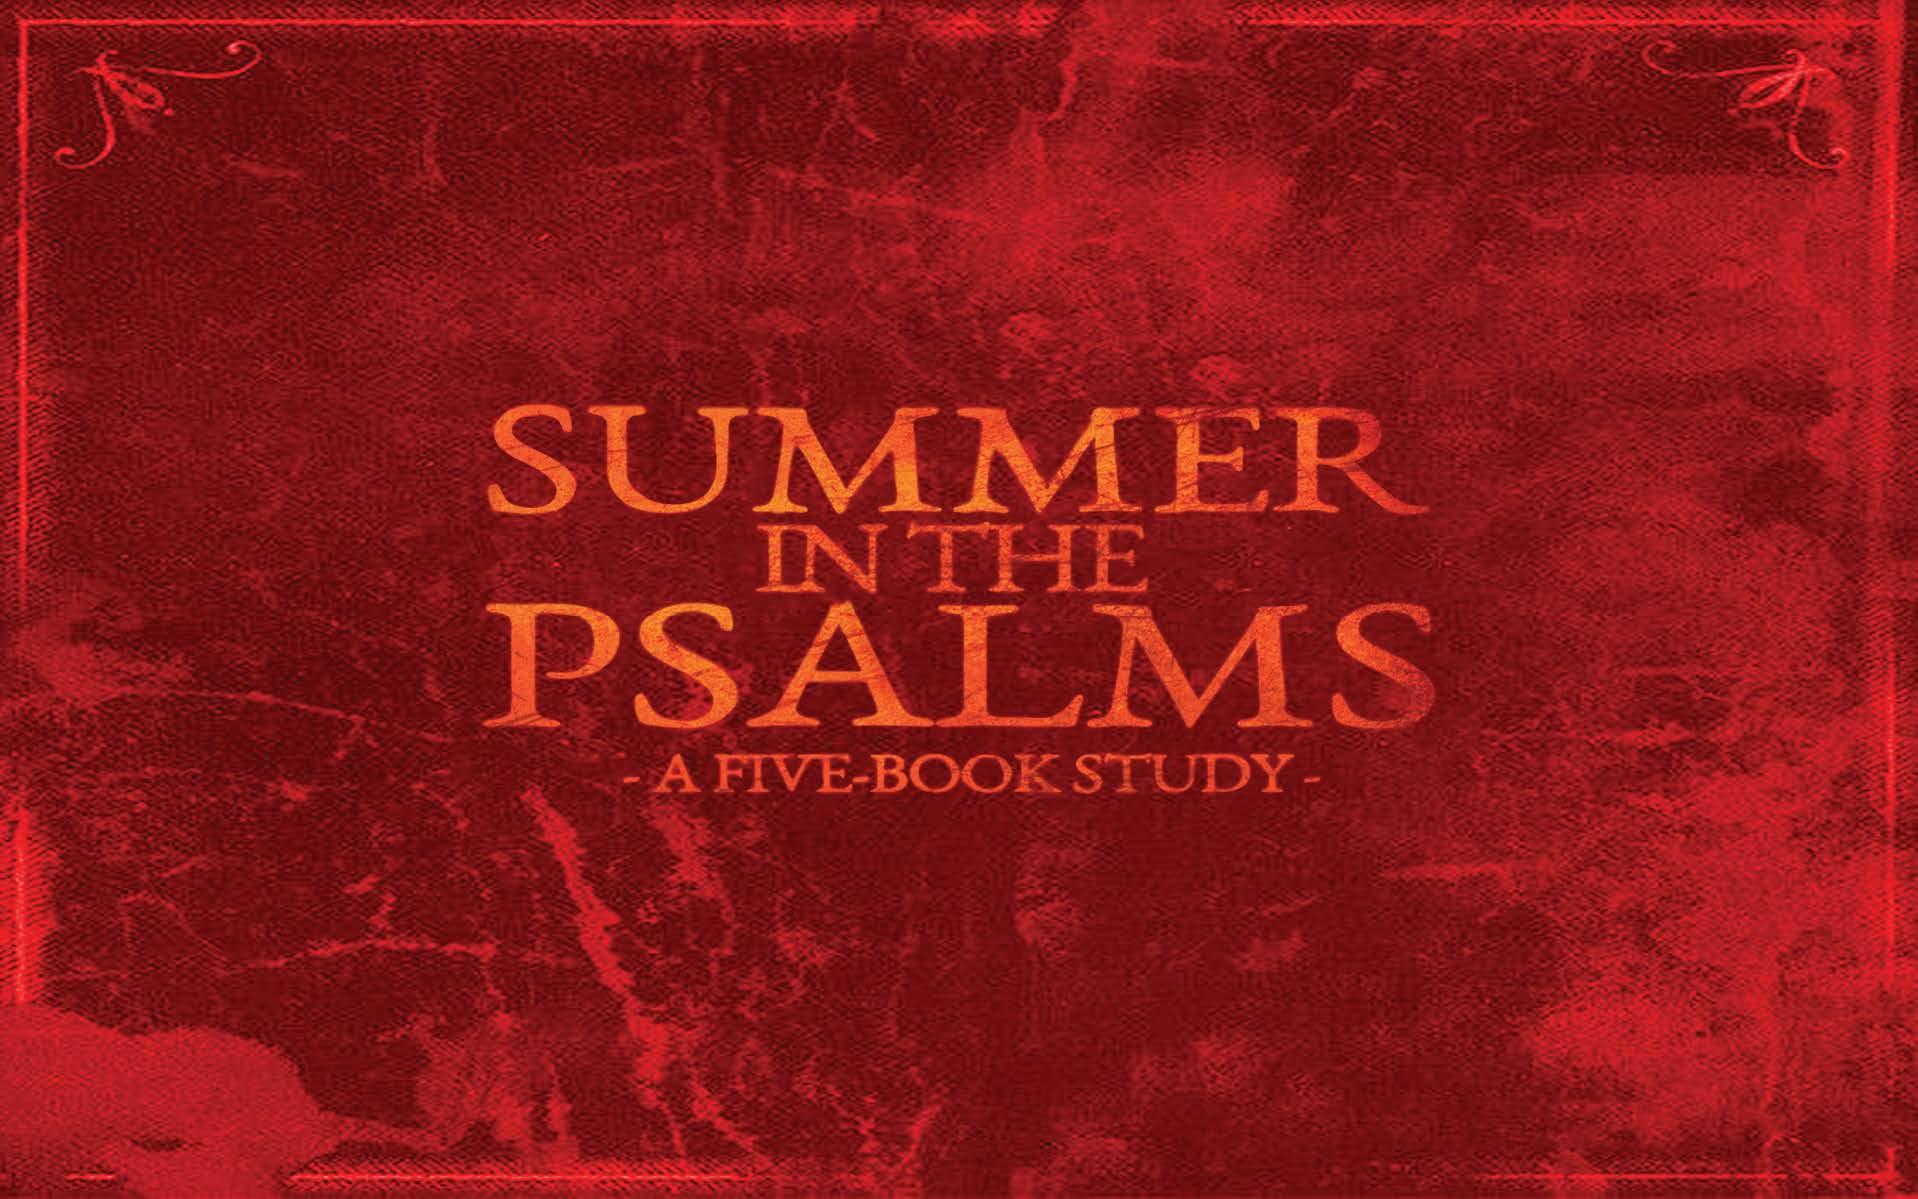 Summer inthe Psalms.jpg